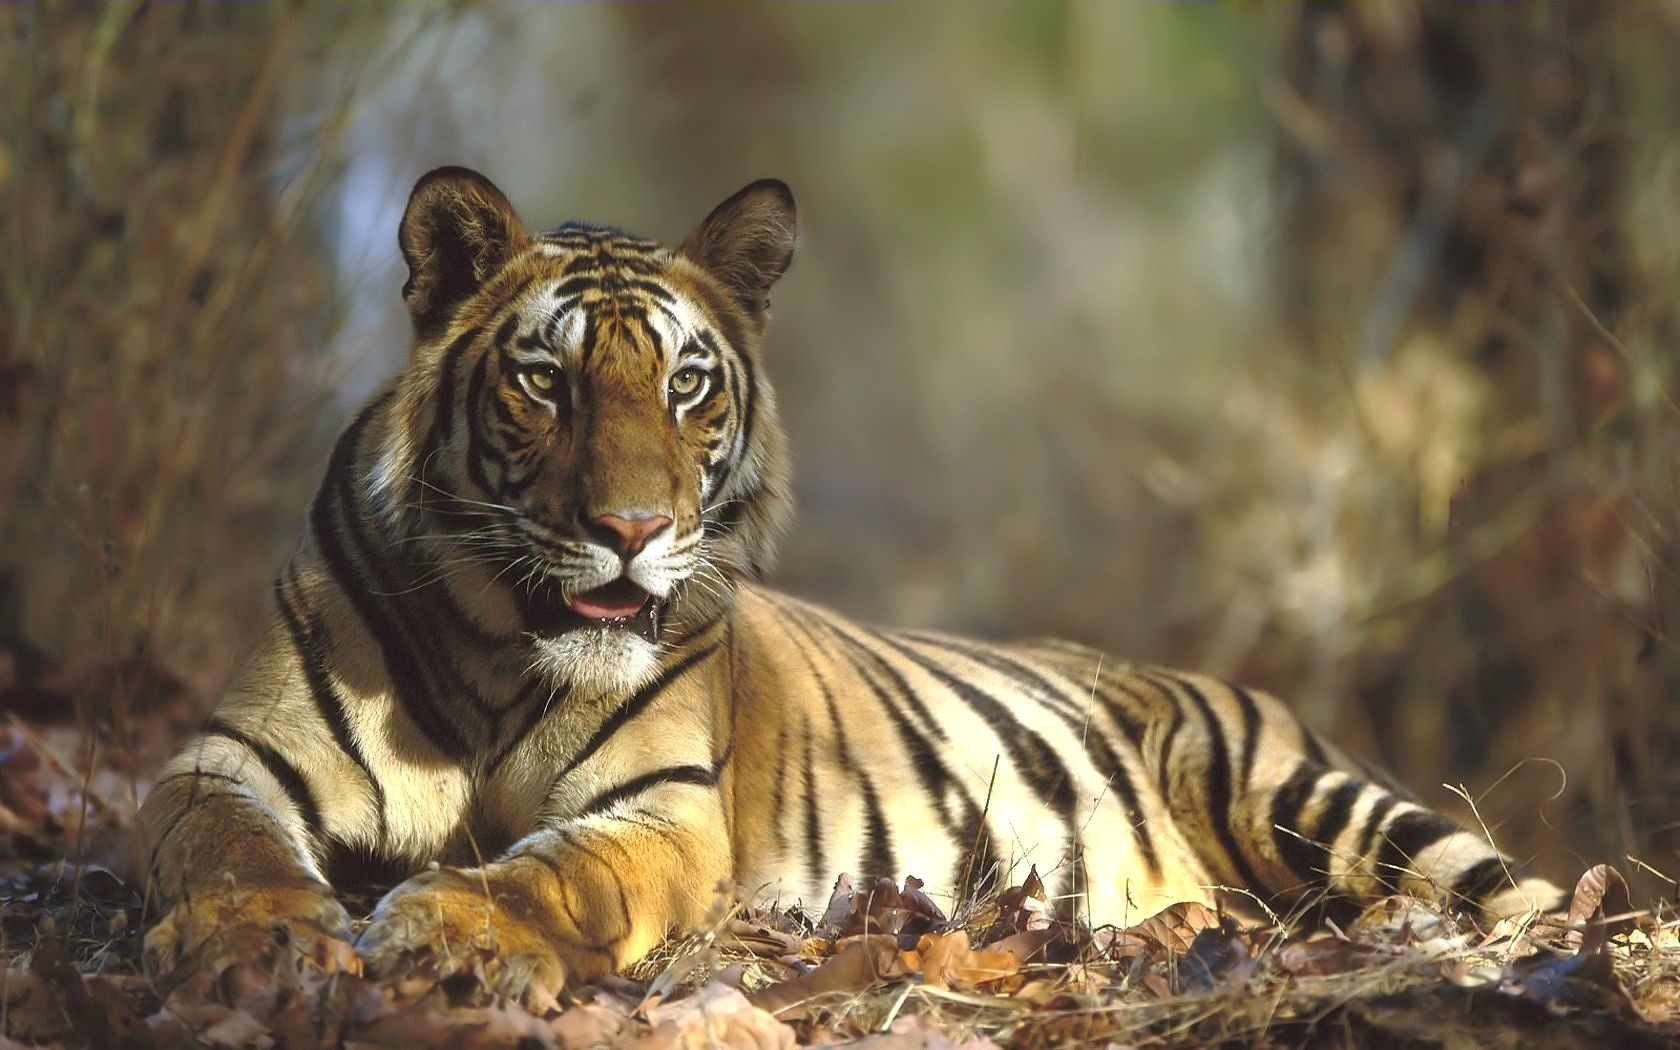 72489 скачать обои Животные, Тигр, Лежать, Трава, Лес - заставки и картинки бесплатно